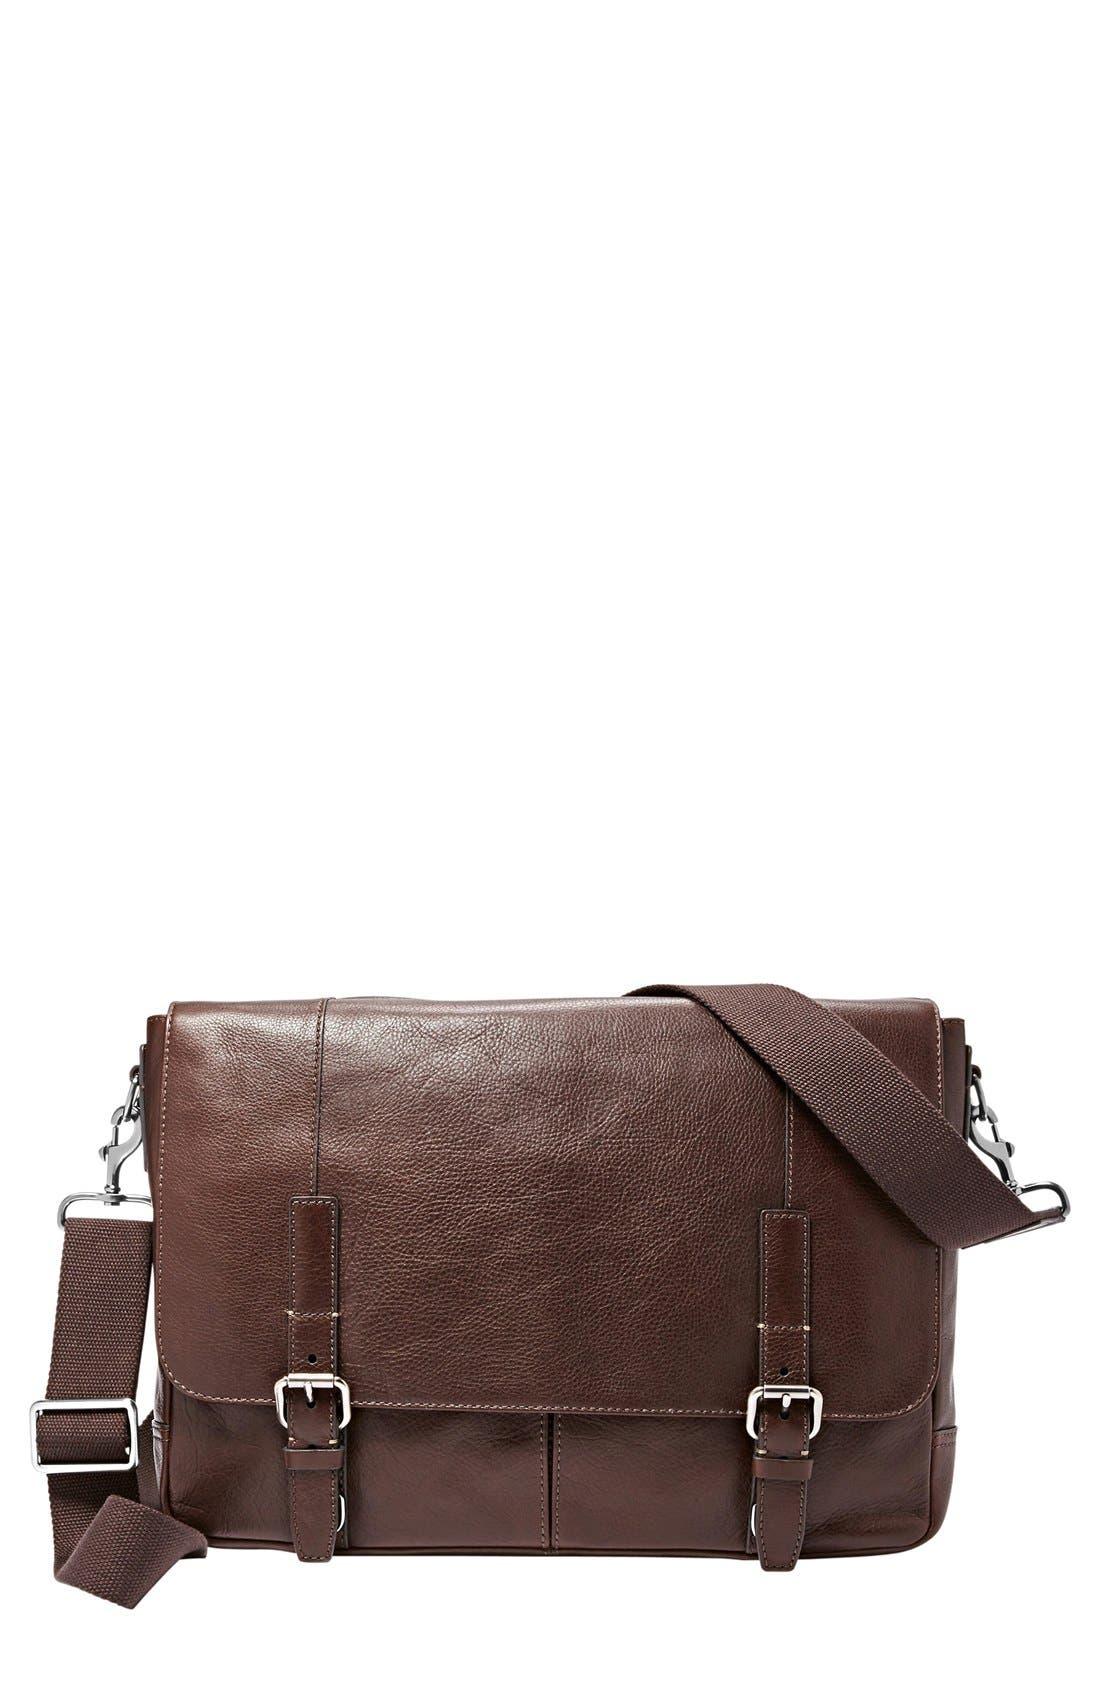 'Graham' Leather Messenger Bag, Main, color, 201